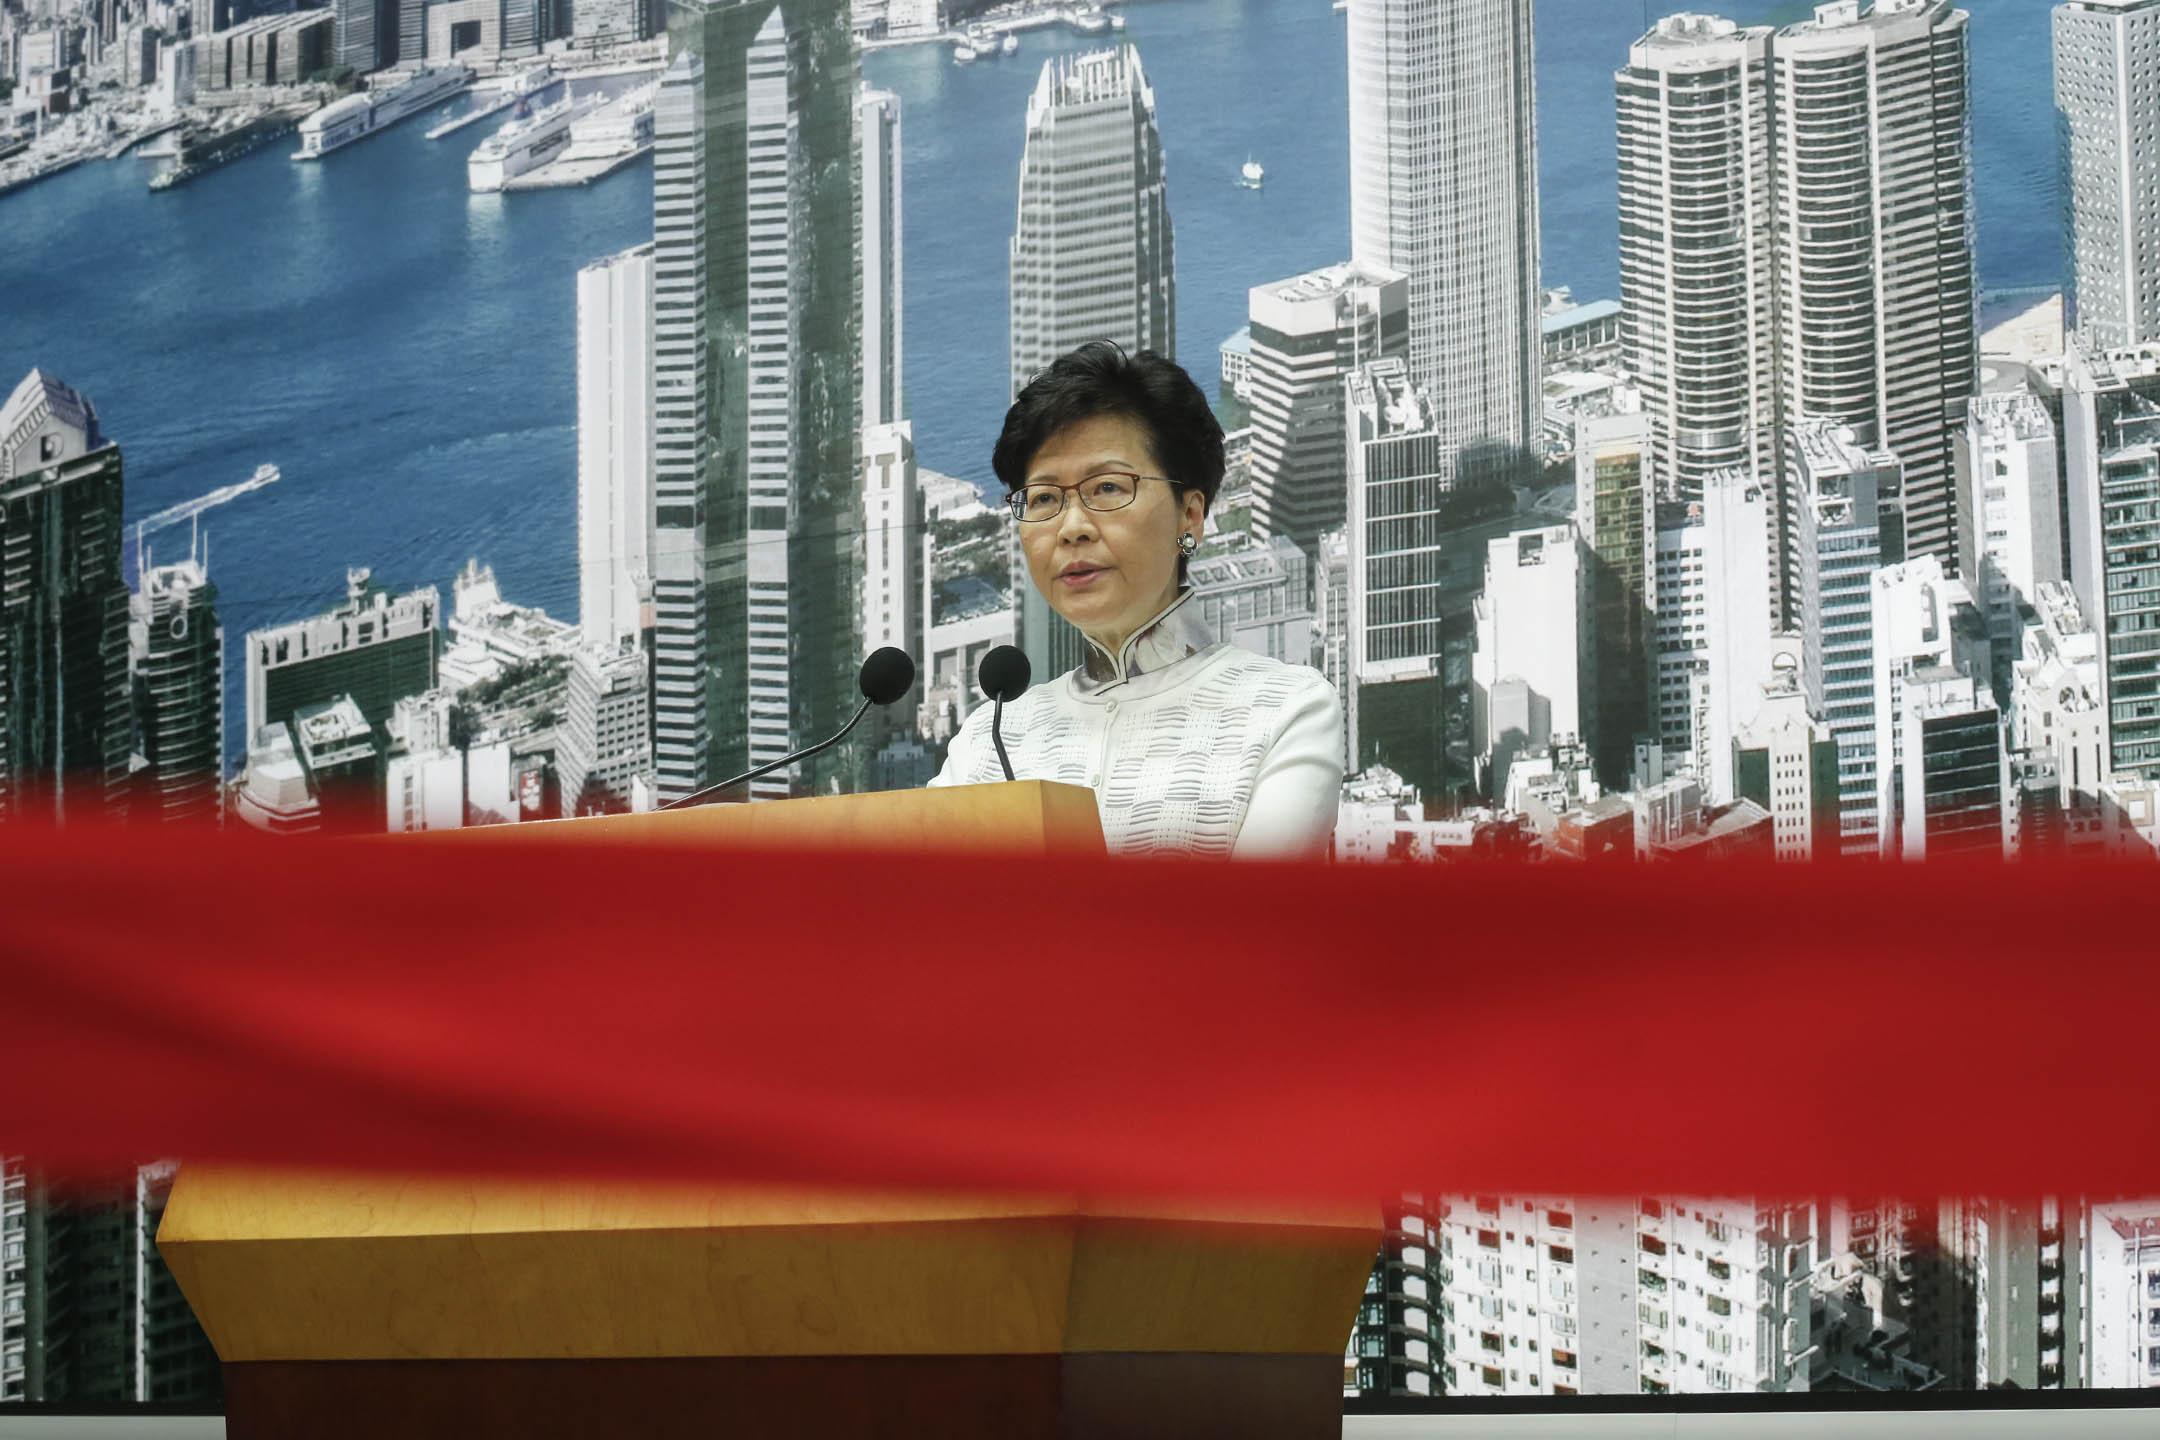 2019年6月15日,林鄭月娥召開記者會,宣布暫緩修訂《逃犯條例》  。 攝:林振東/端傳媒